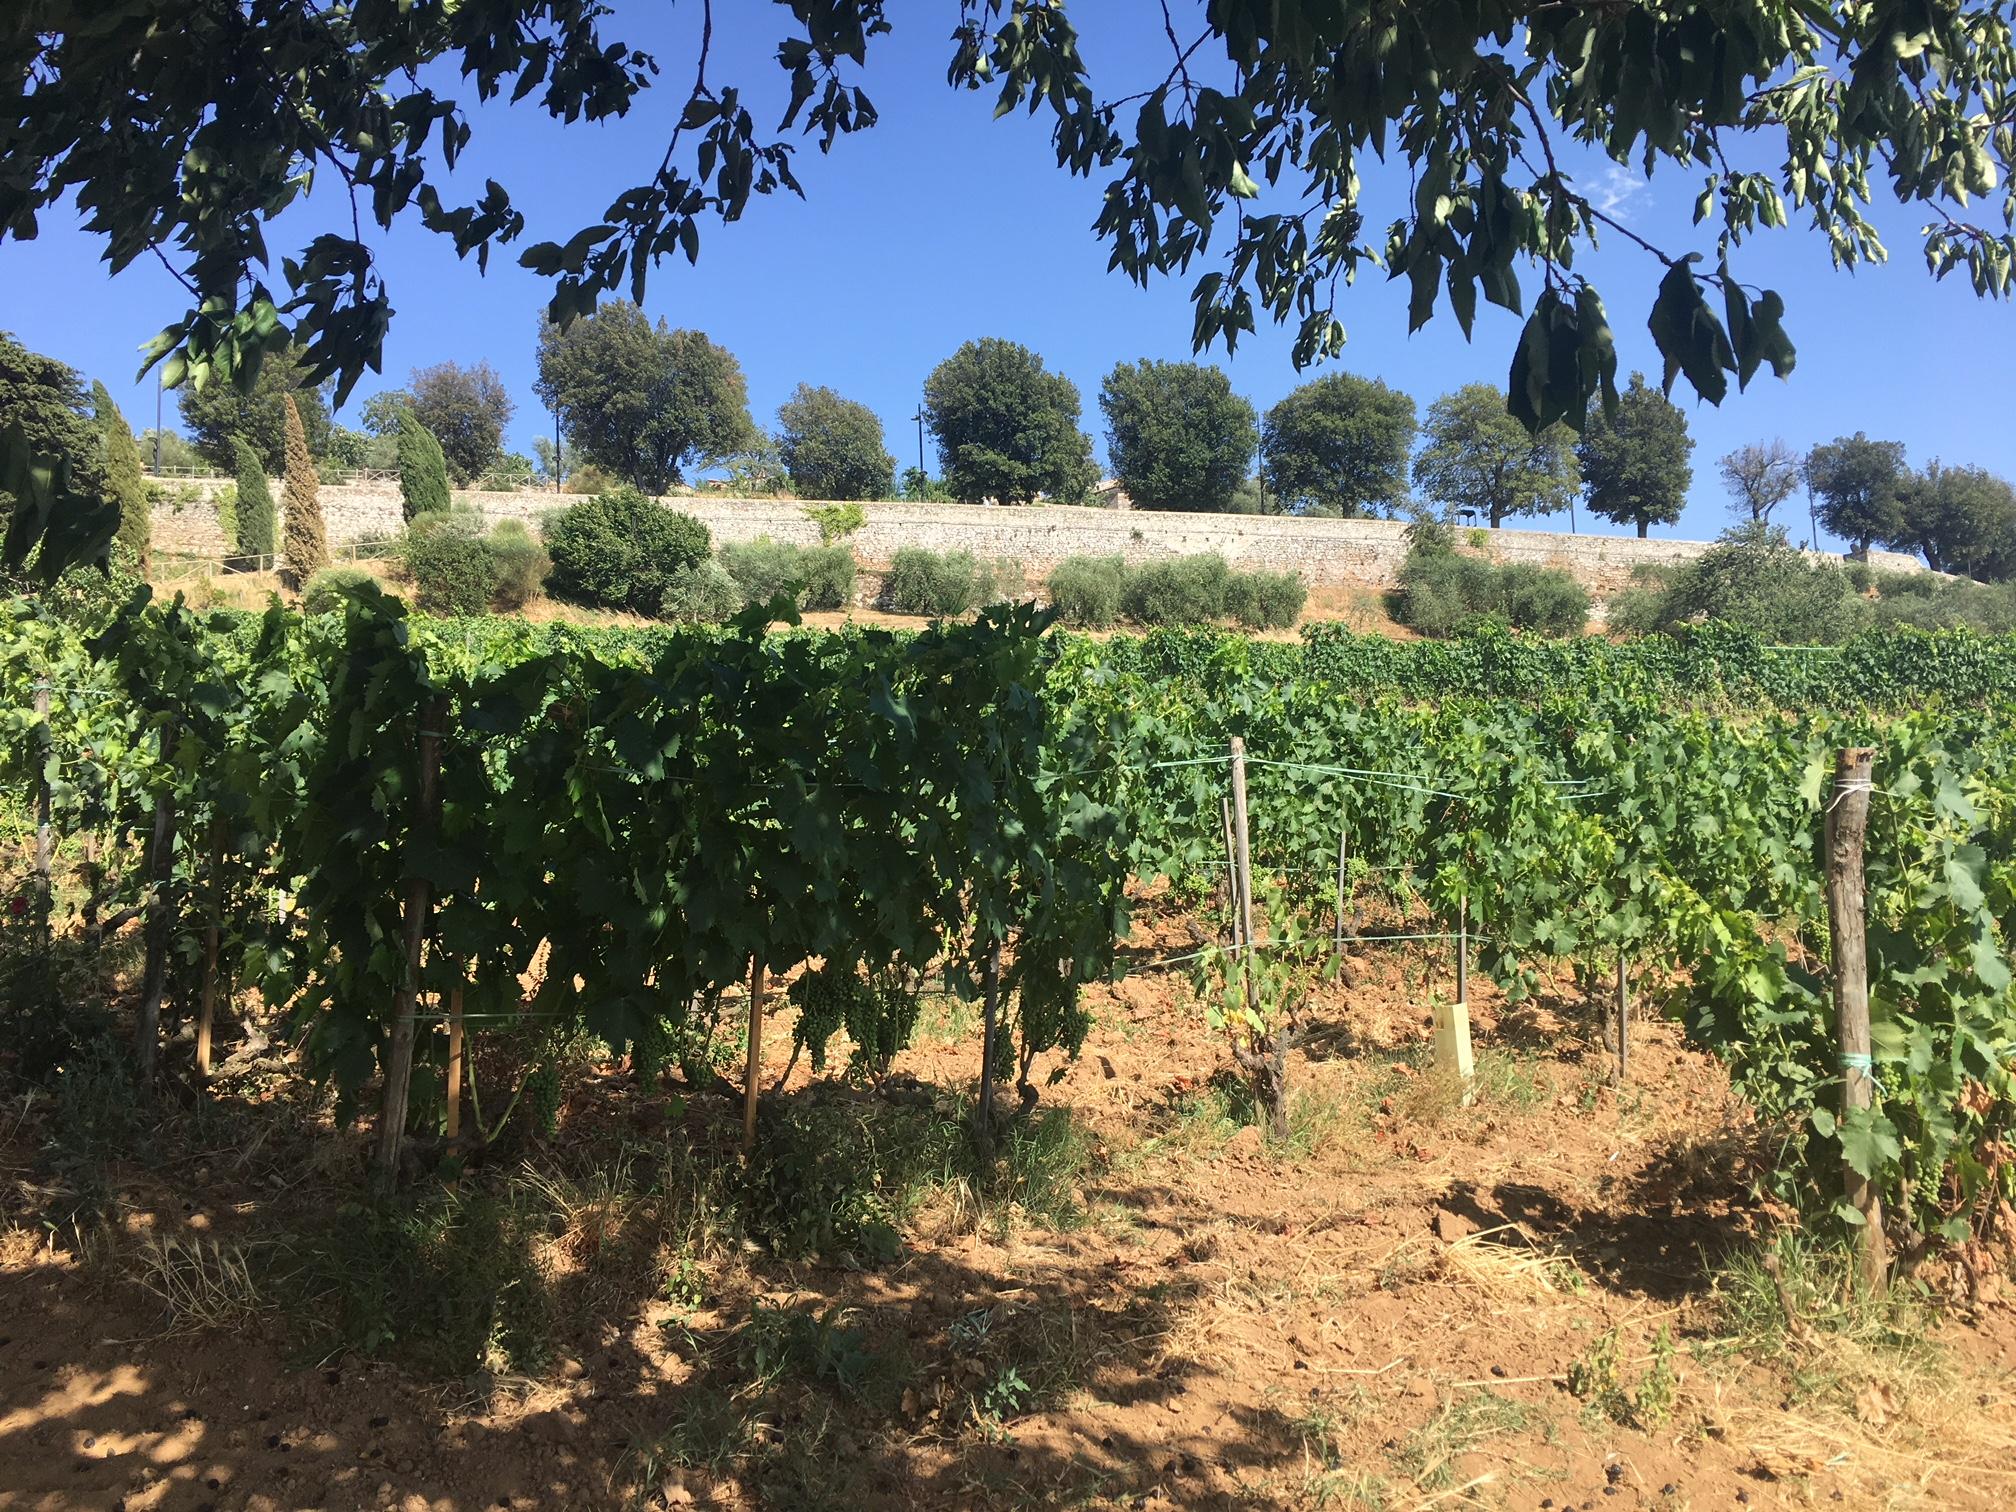 Tiezzi estate wine Sangiovese (Brunello di Montalcino)